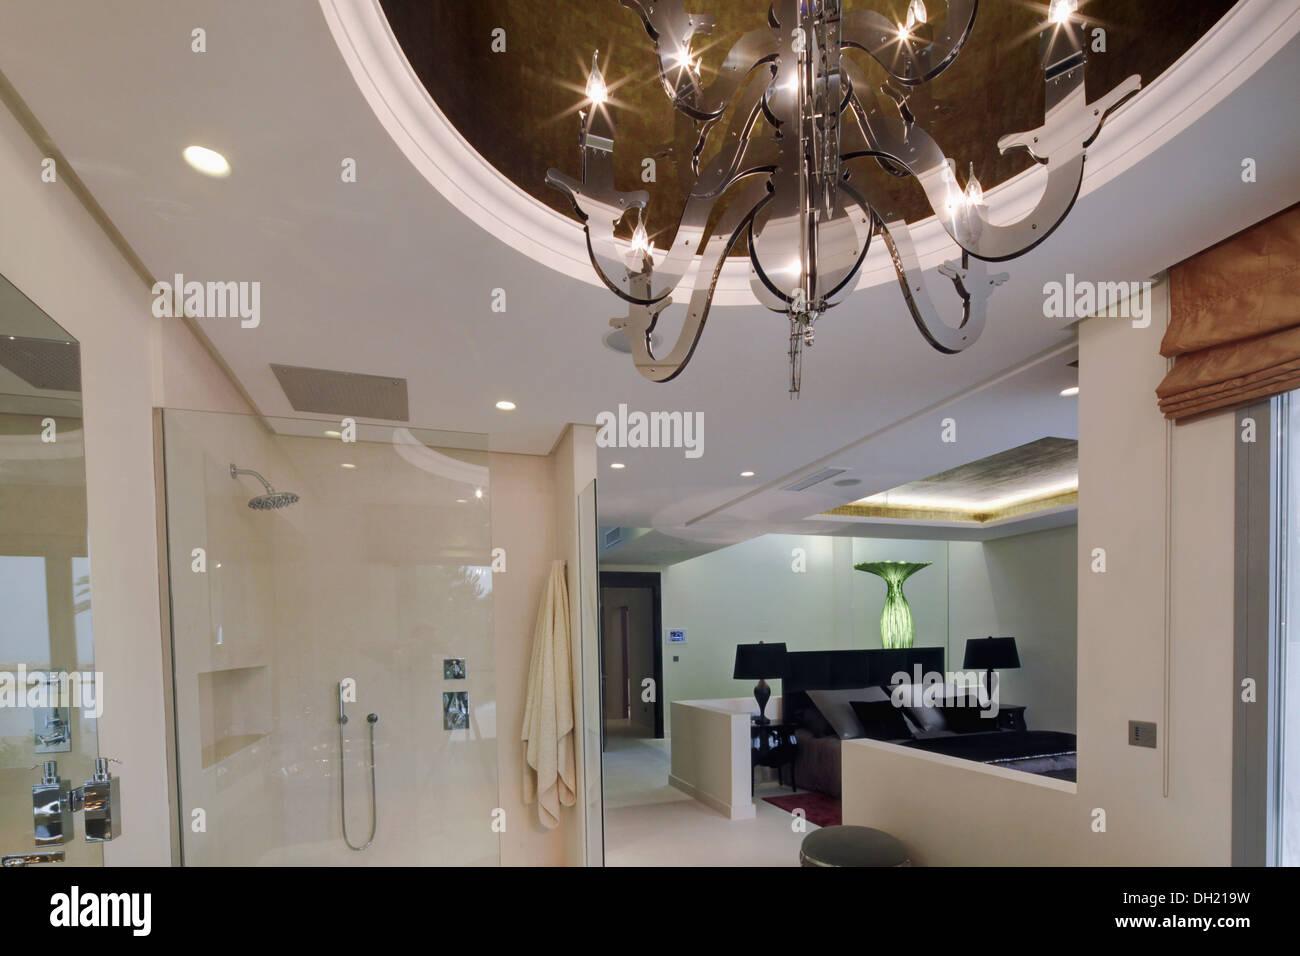 Bagno In Camera Con Vetrata : Moderno lampadario di vetro sul soffitto incassata nella zona